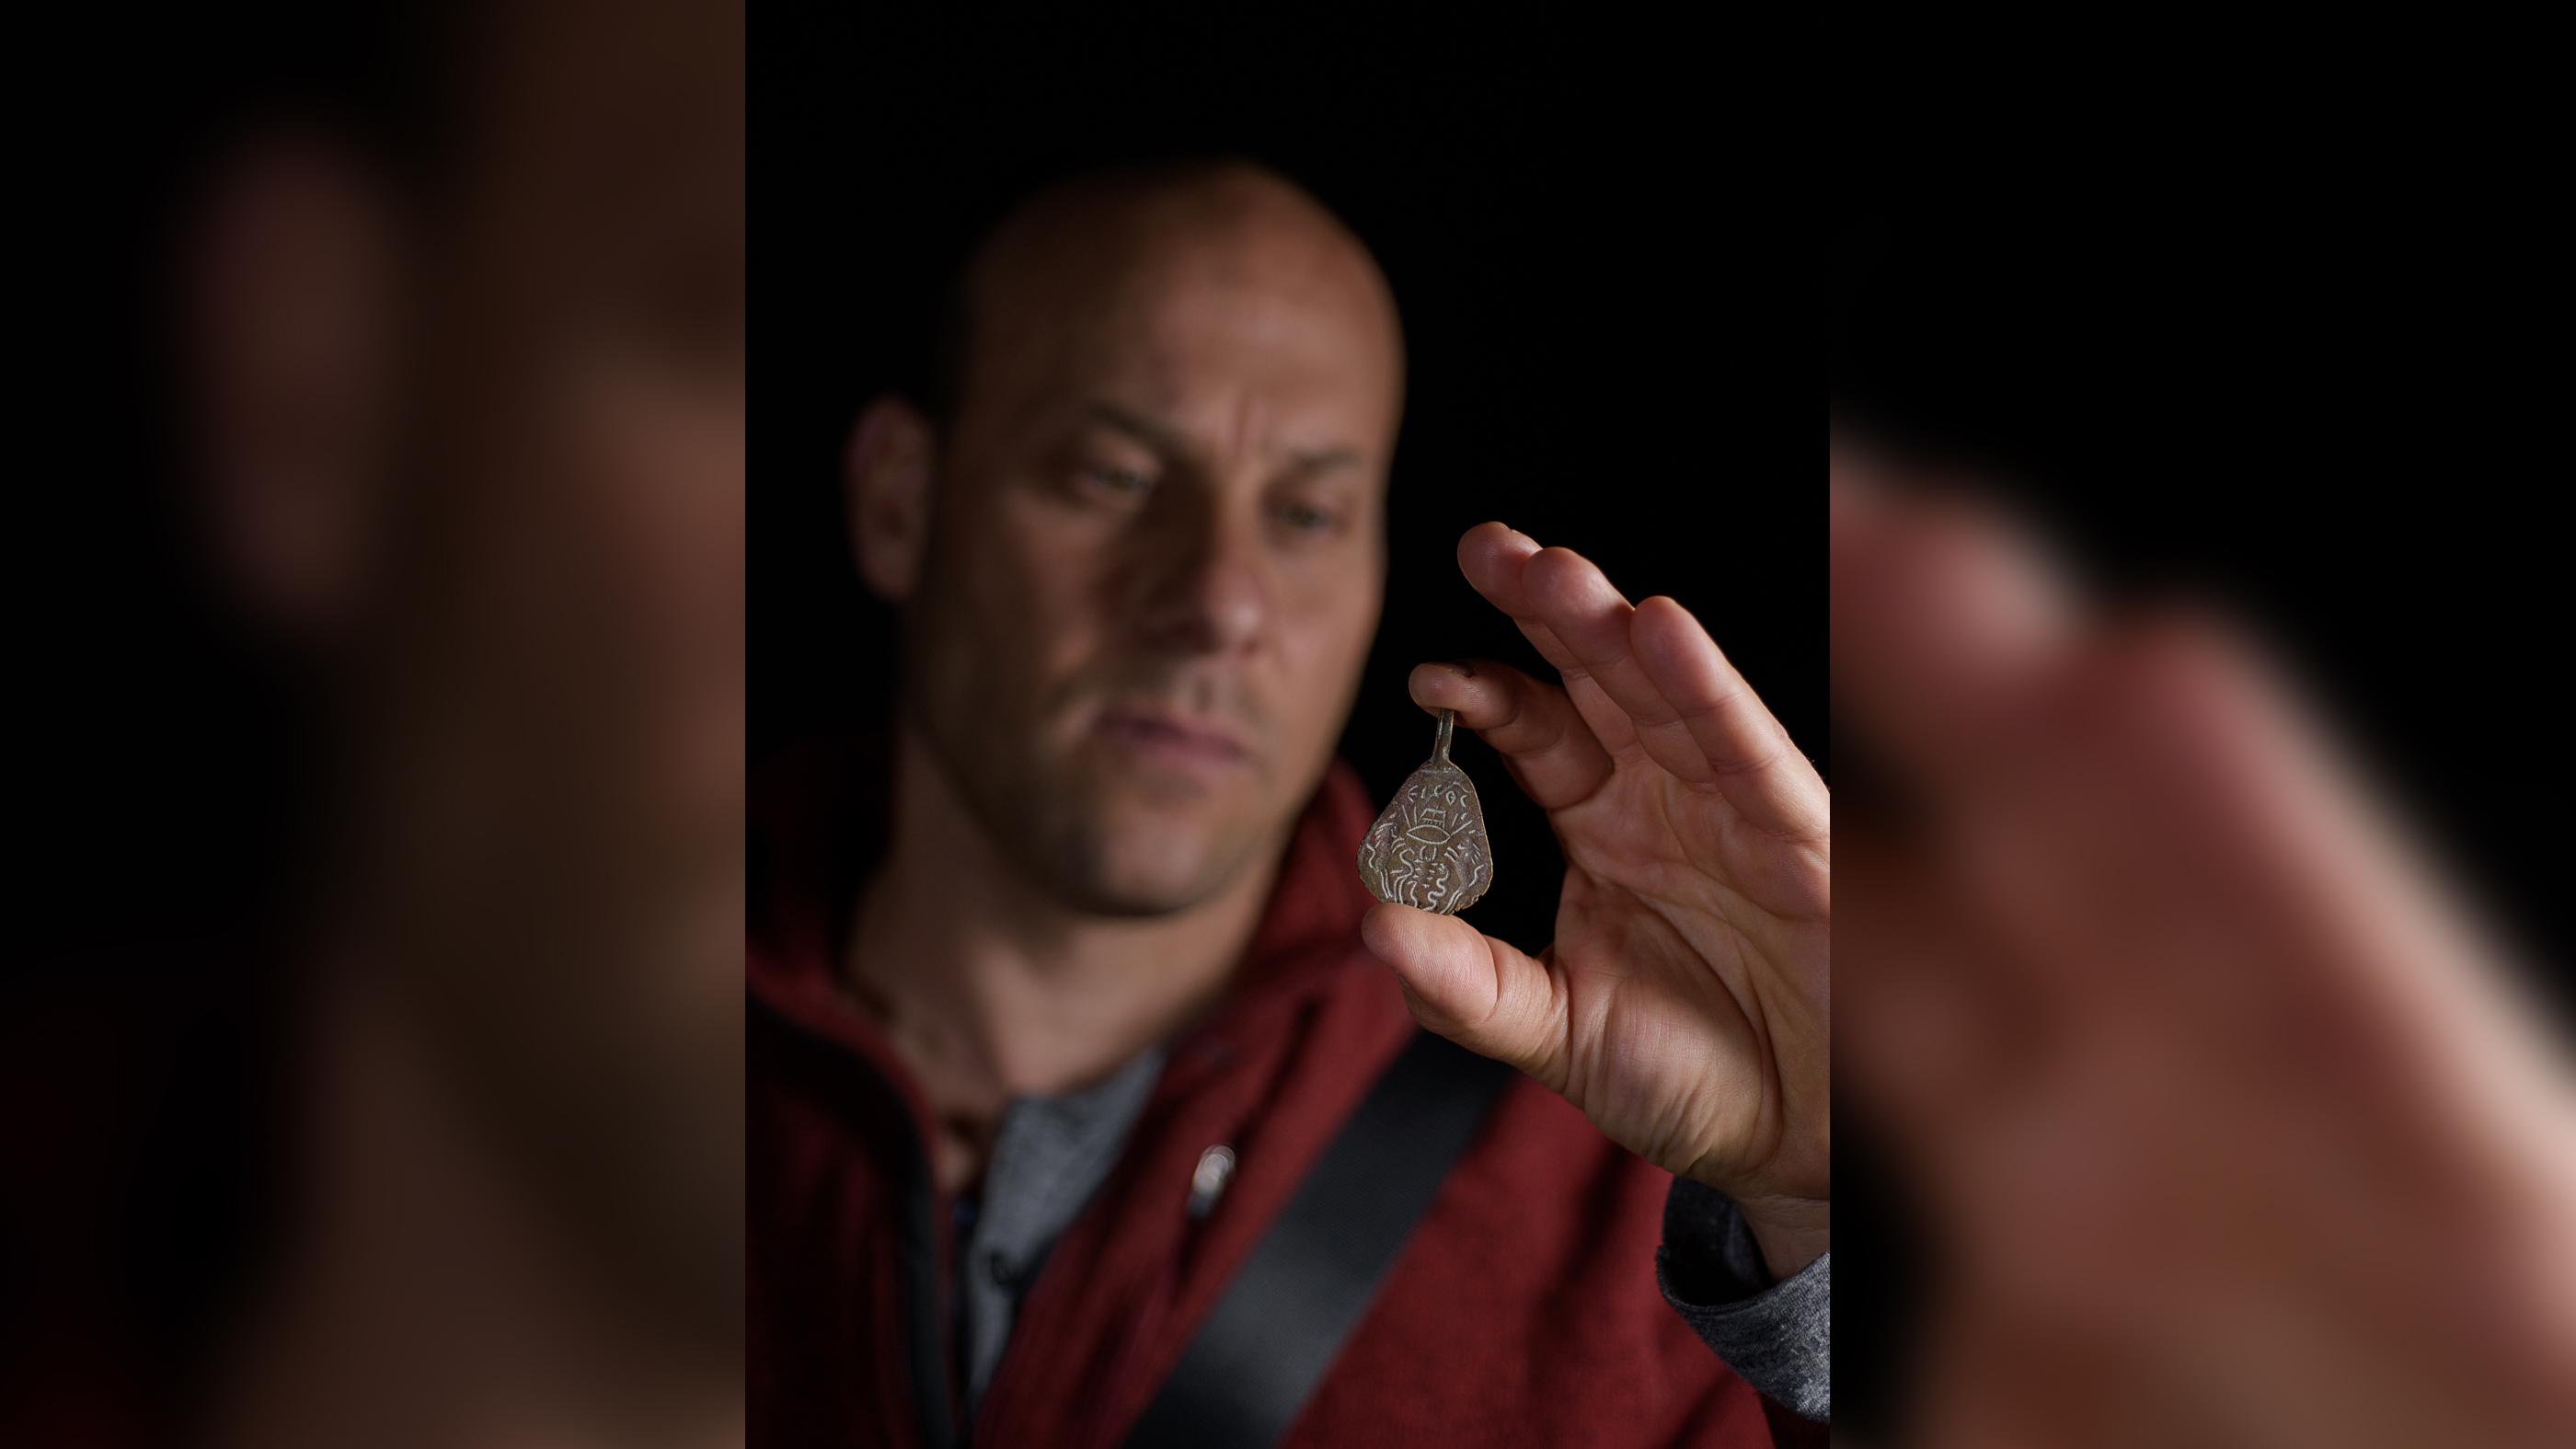 L'archéologue de l'IAA Eitan Klein tenant l'amulette, qui aurait environ 1500 ans et était destinée à repousser les